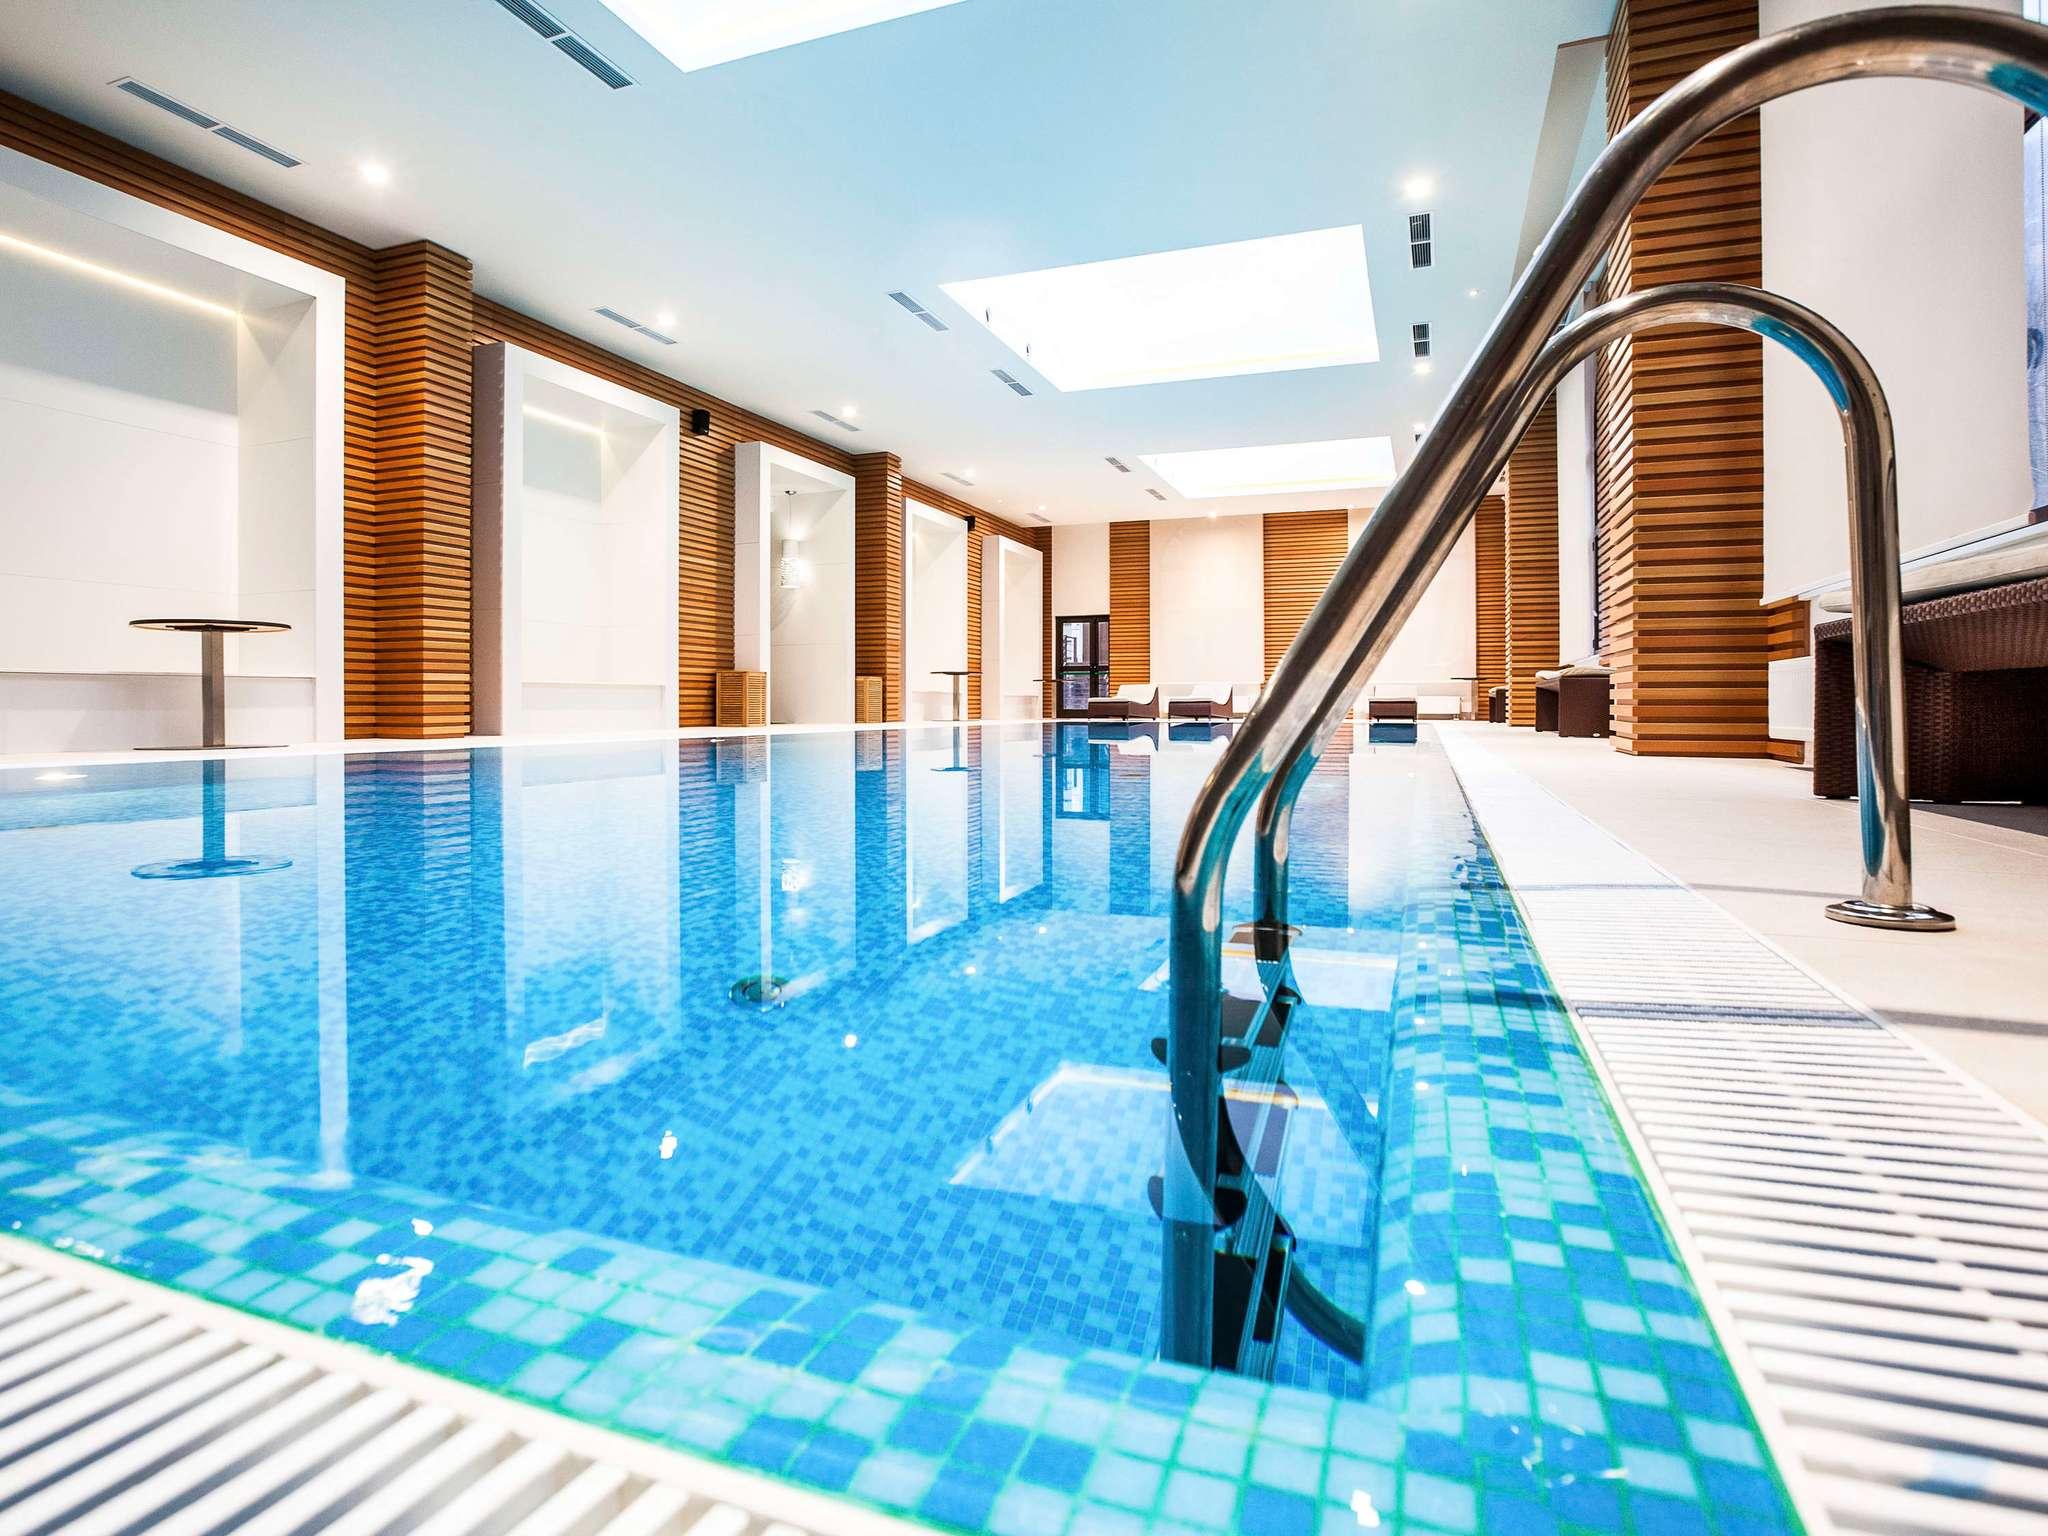 فندق - فندق مركيور Mercure روزا خوتور